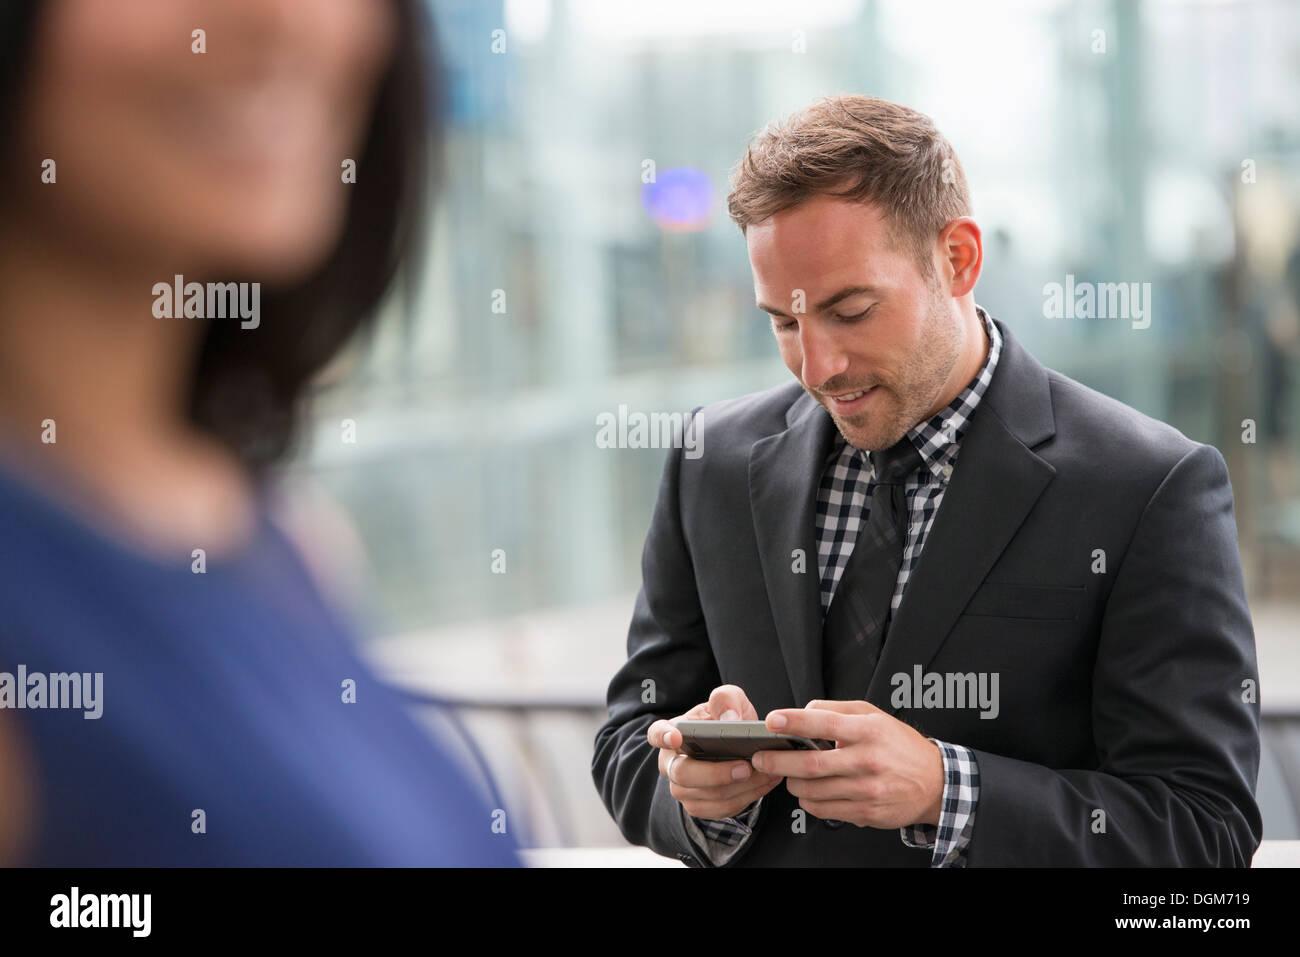 Ein Mann in einem Anzug überprüft sein Telefon. Eine Frau im Vordergrund. Stockbild